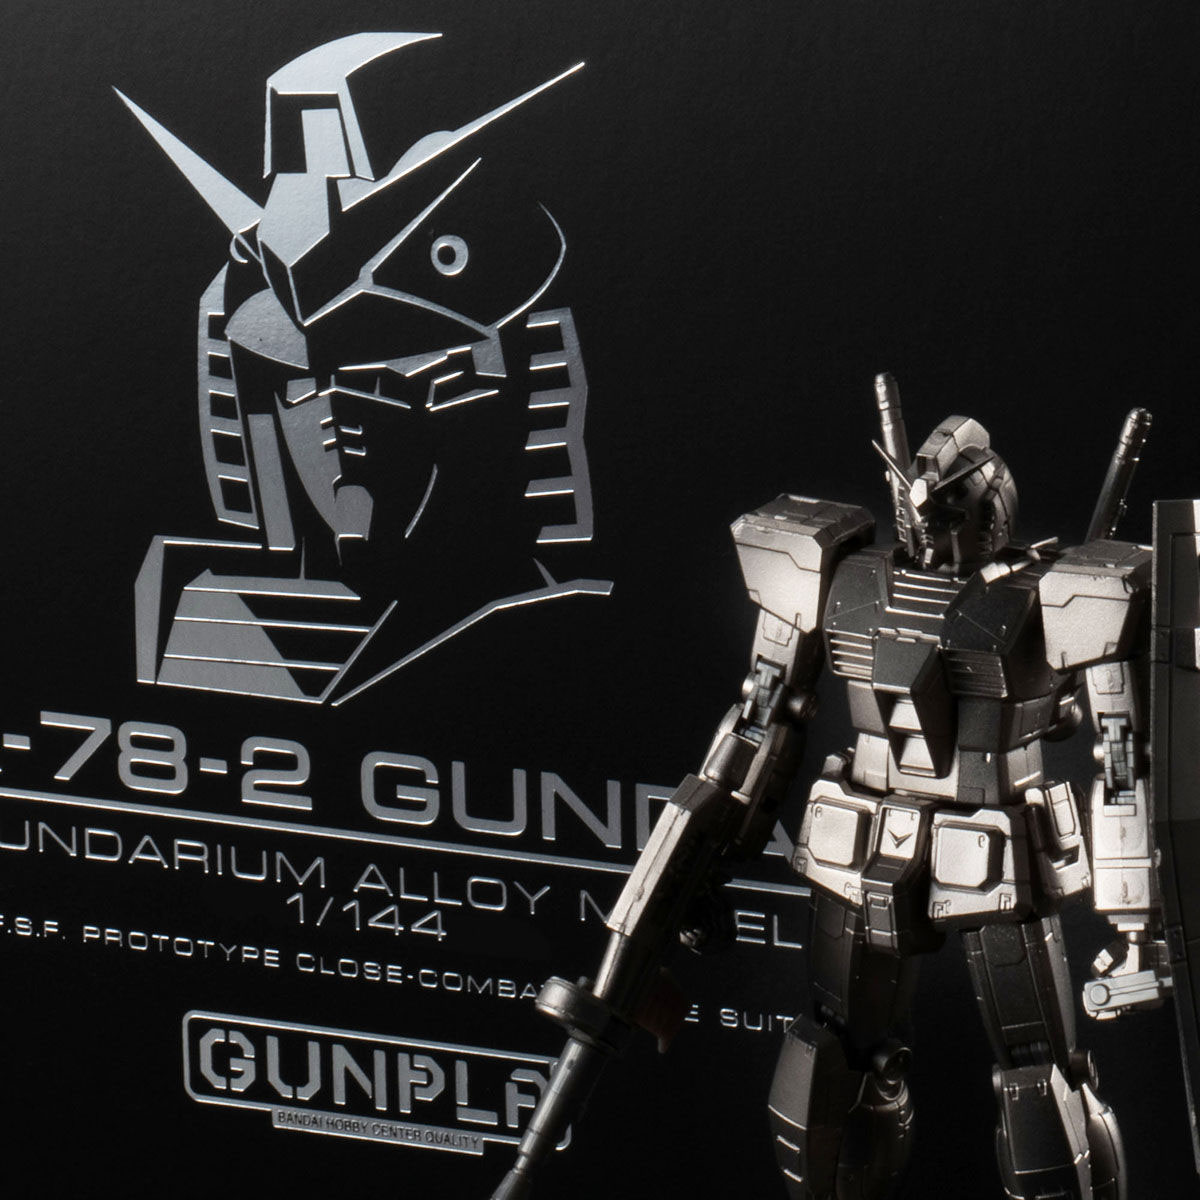 【限定販売】ガンダリウム合金モデル『RX-78-2 ガンダム』1/144 合金モデル-001